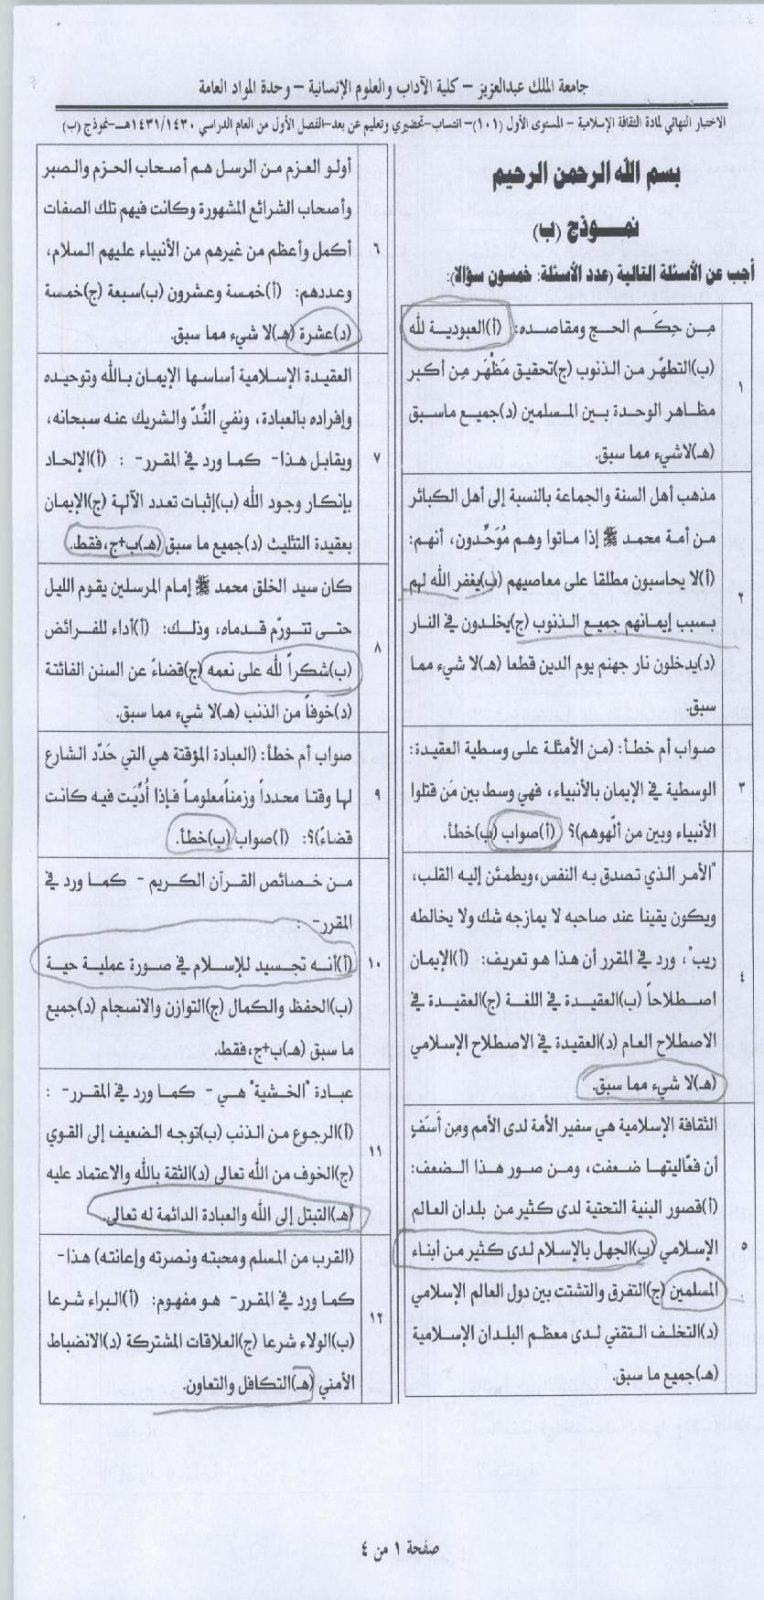 اسئلة مادة الثقافة الإسلامية isls 101 انتساب وتعليم عن بعد الفصل الدراسي الأول 1431هـ نموذج (ب) 116.jpg